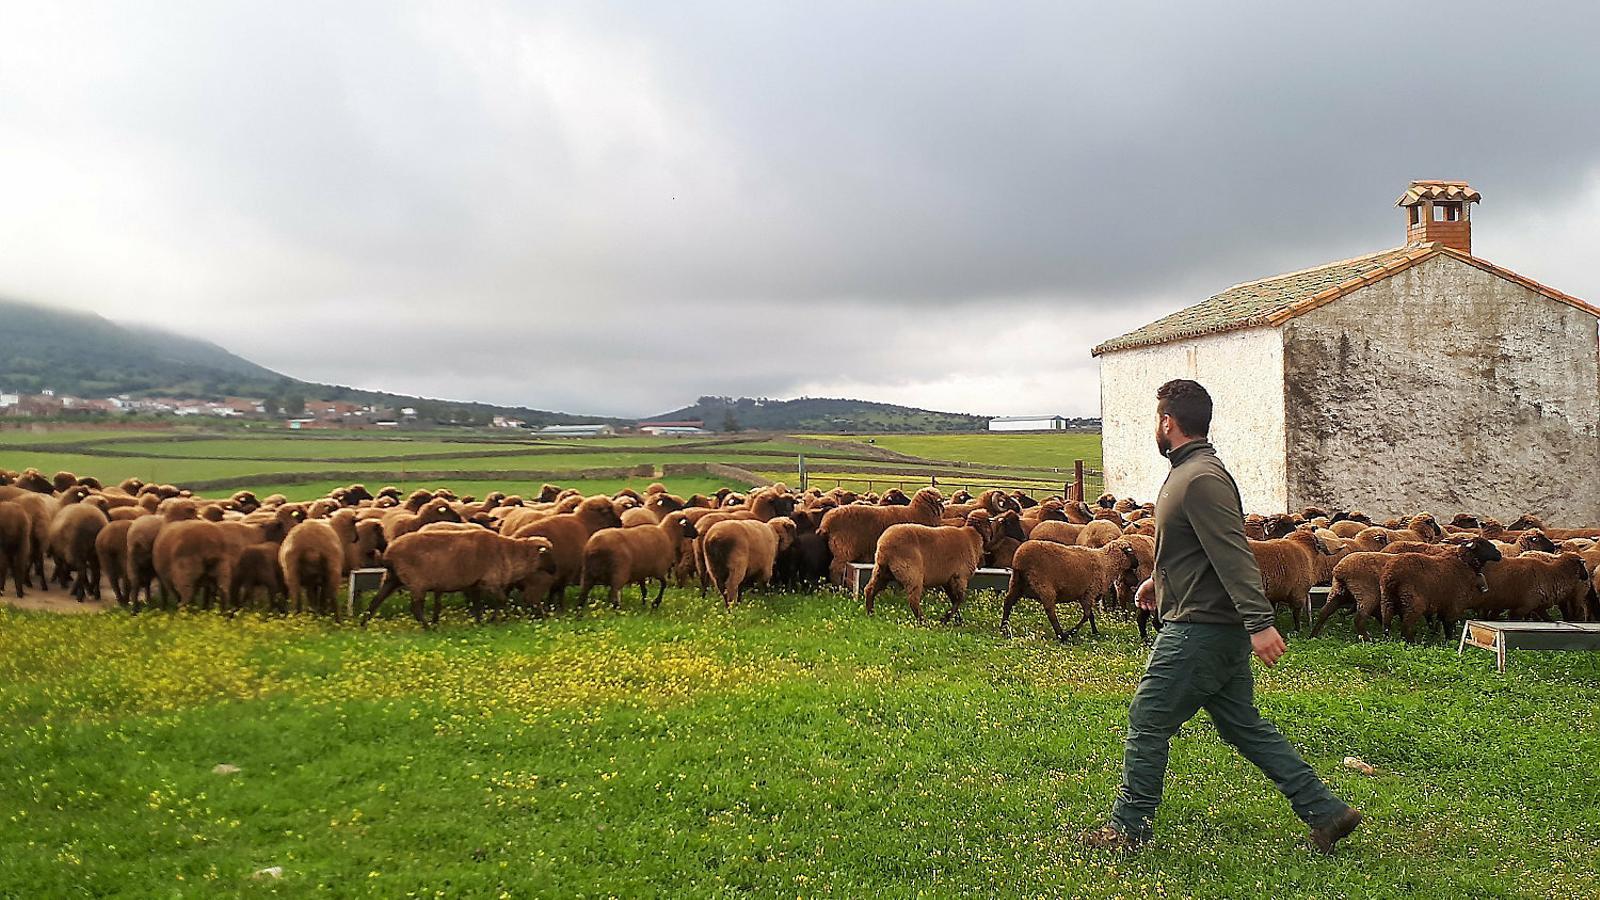 Alerta 84: El bestiar autòcton, en extinció